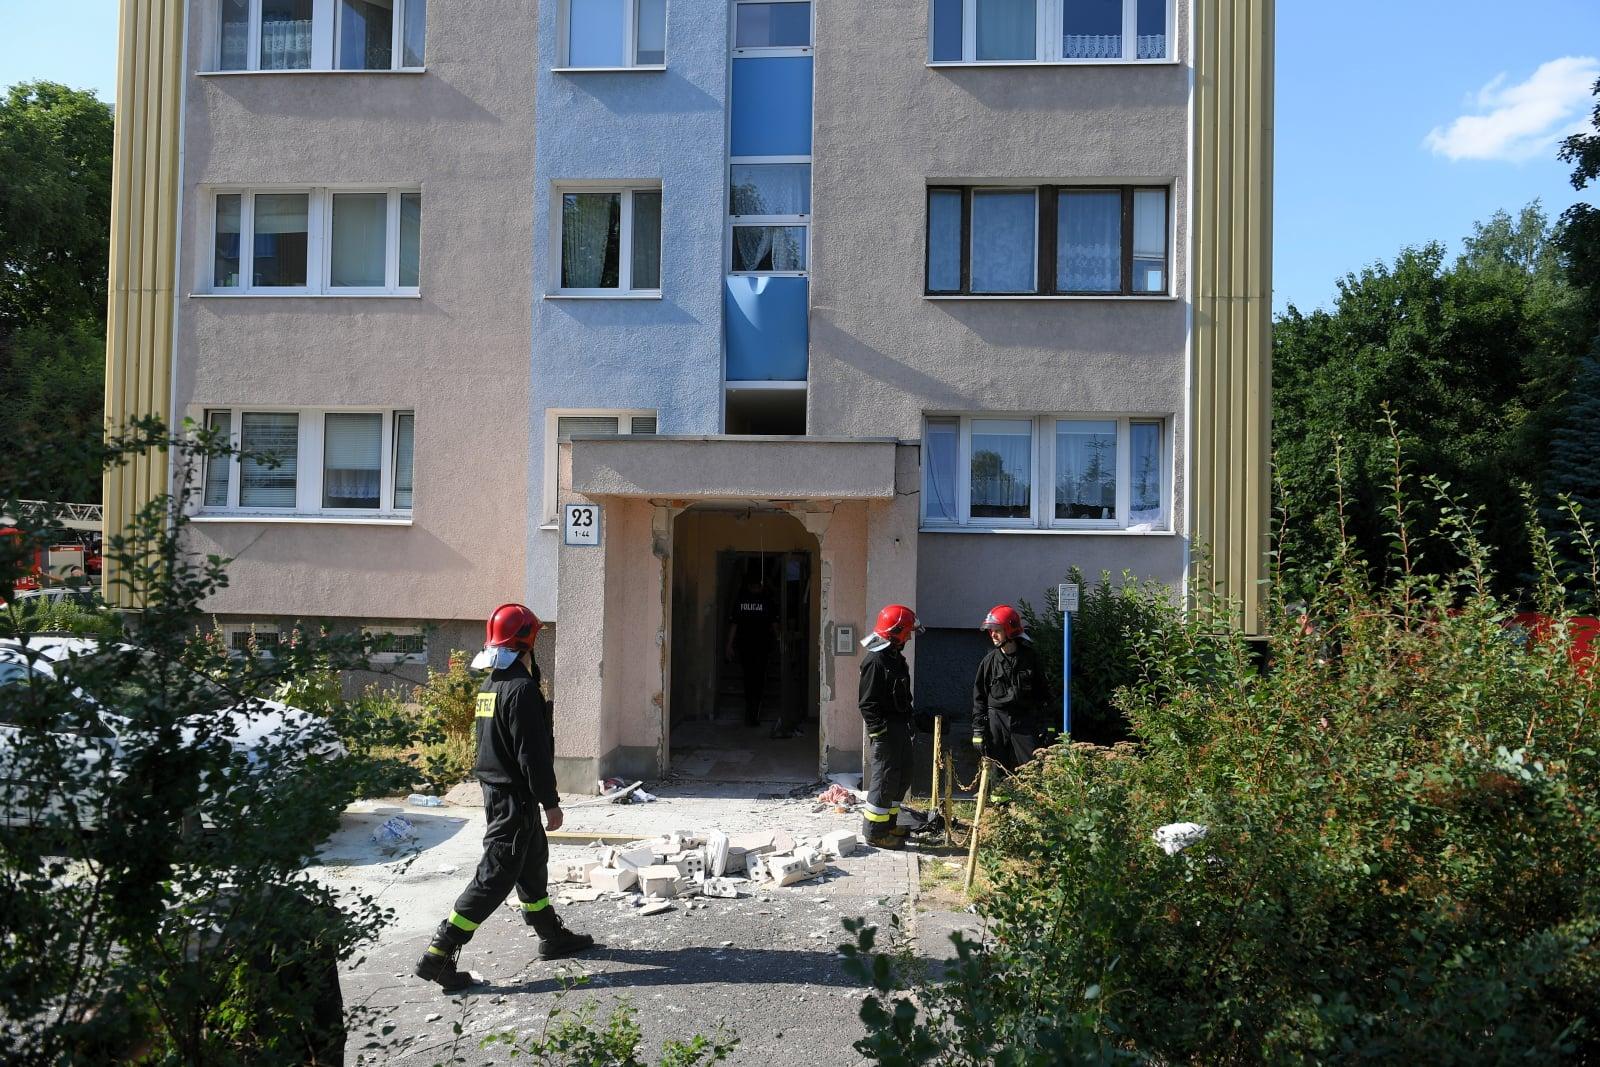 Wybuch budnku w Poznaniu fot. PAP/Jakub Kaczmarczyk